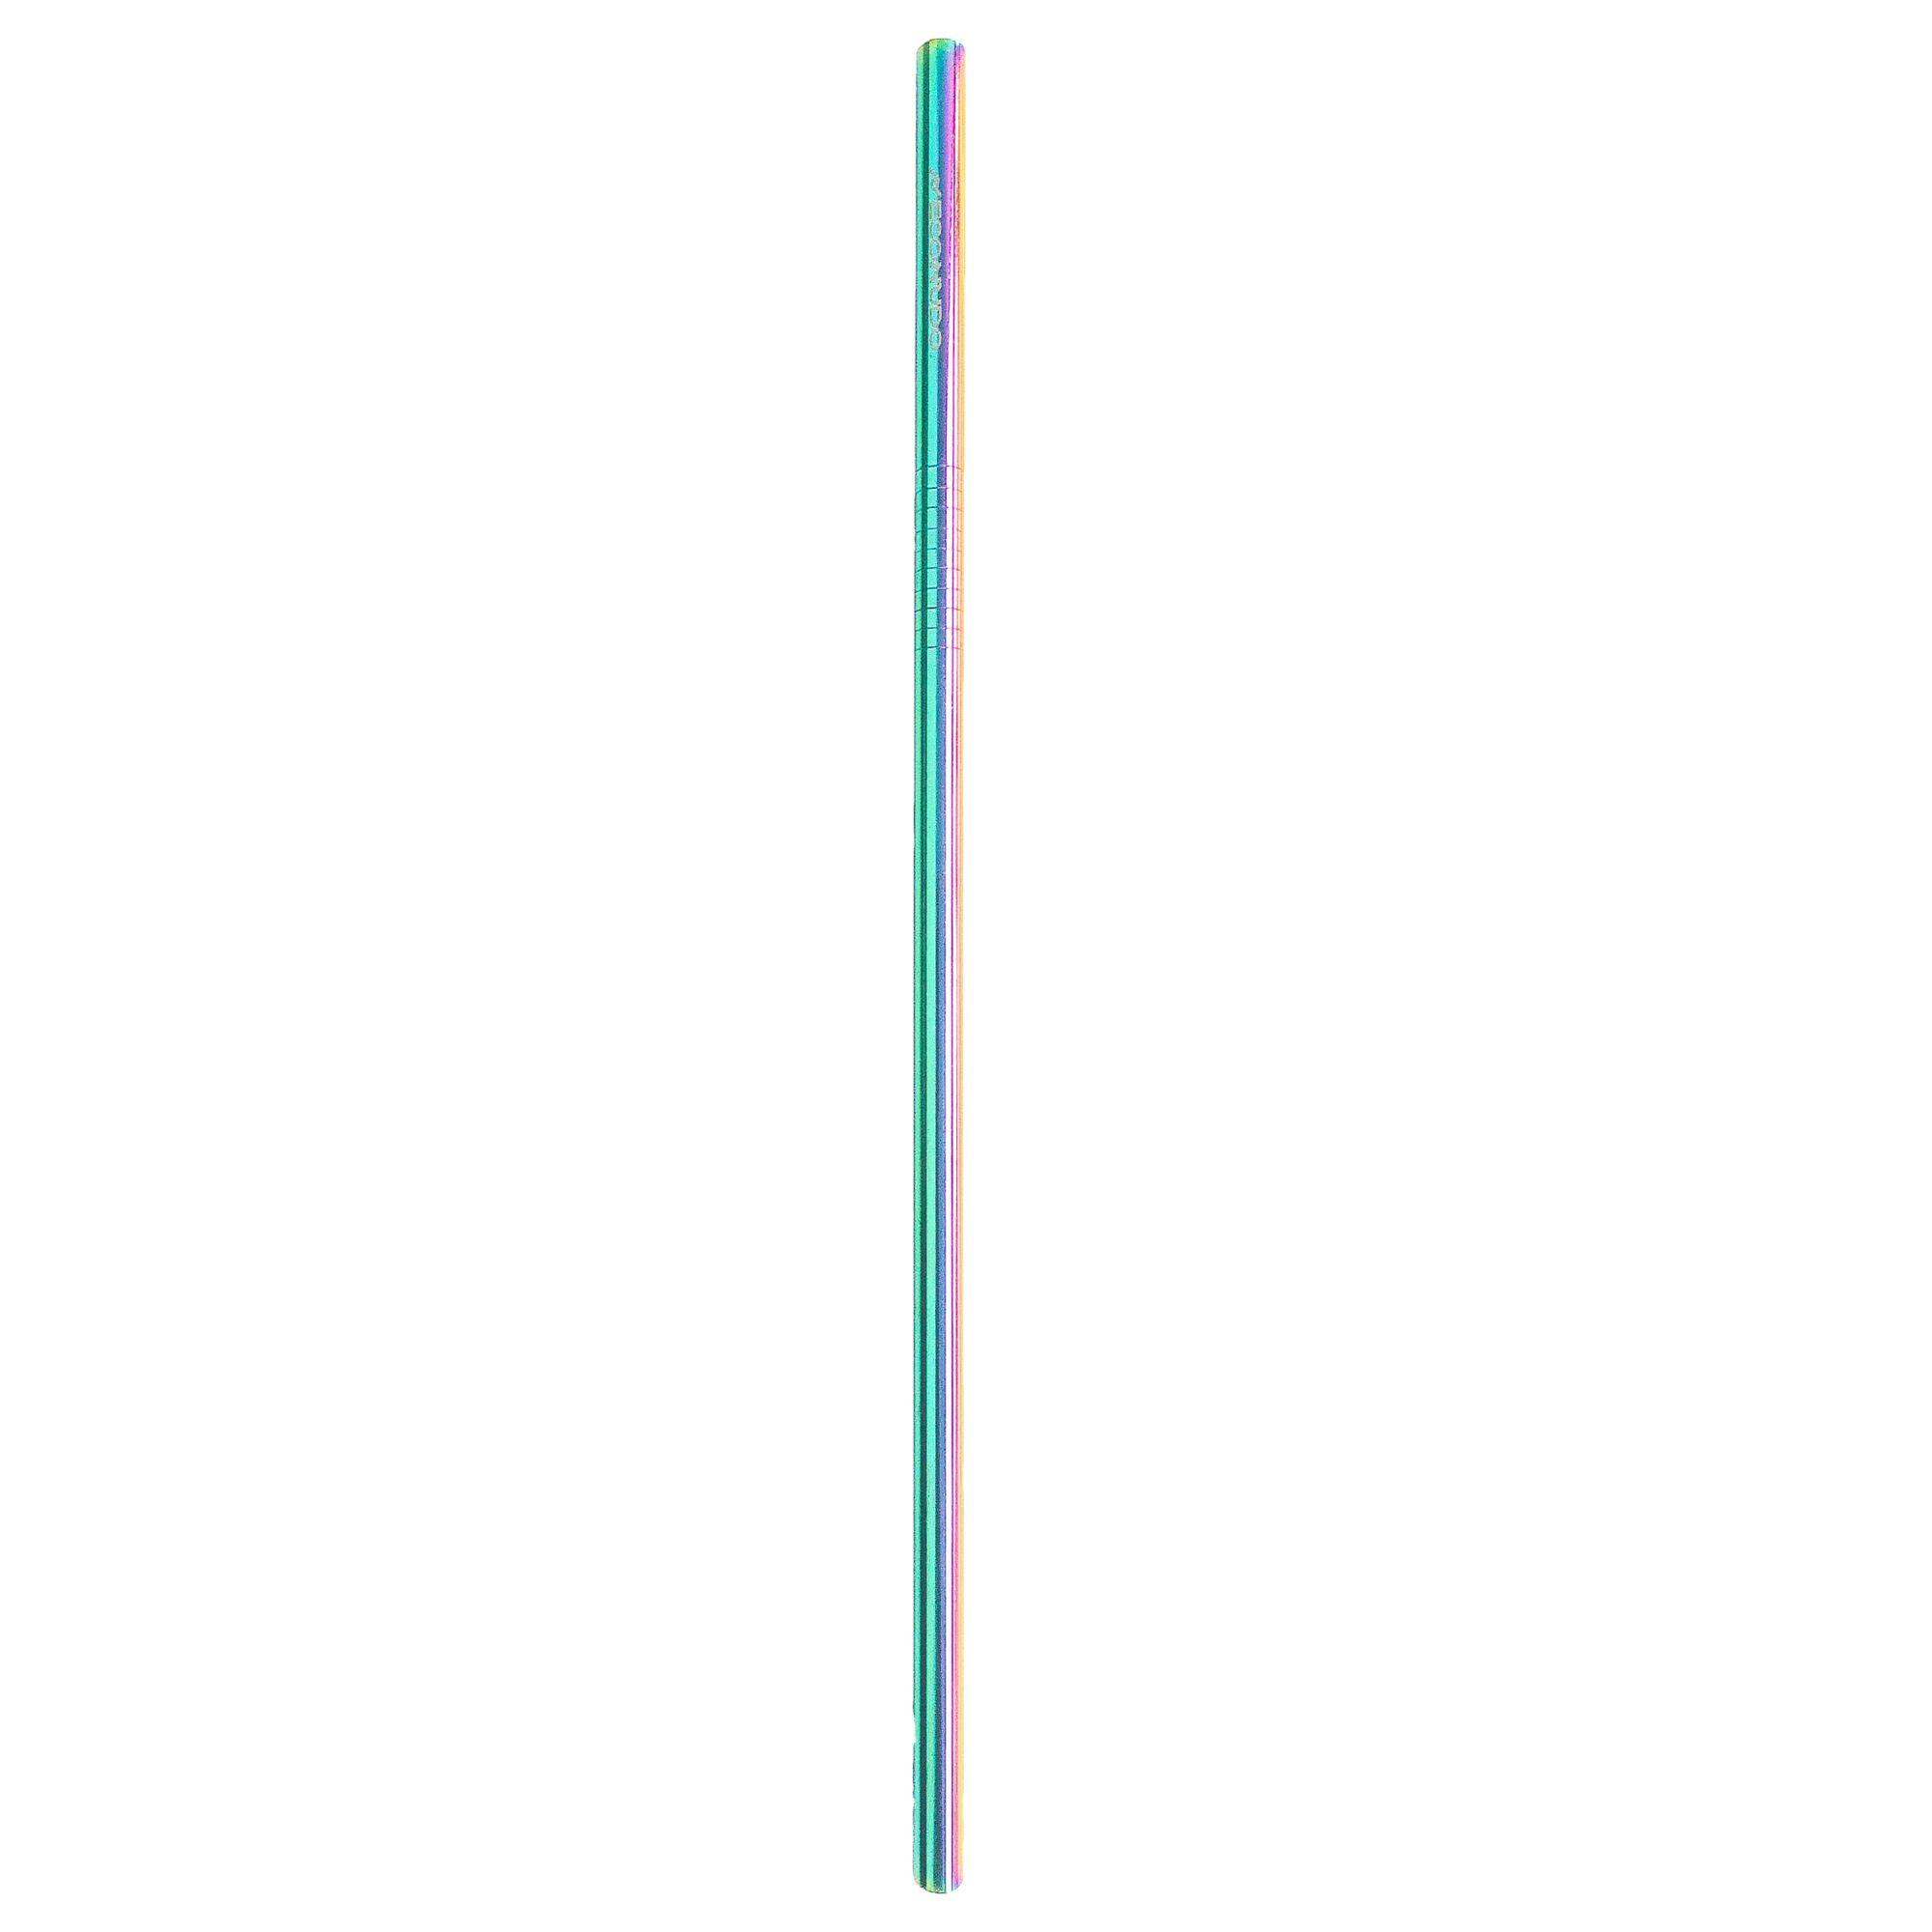 Econudo Reto | 6mm